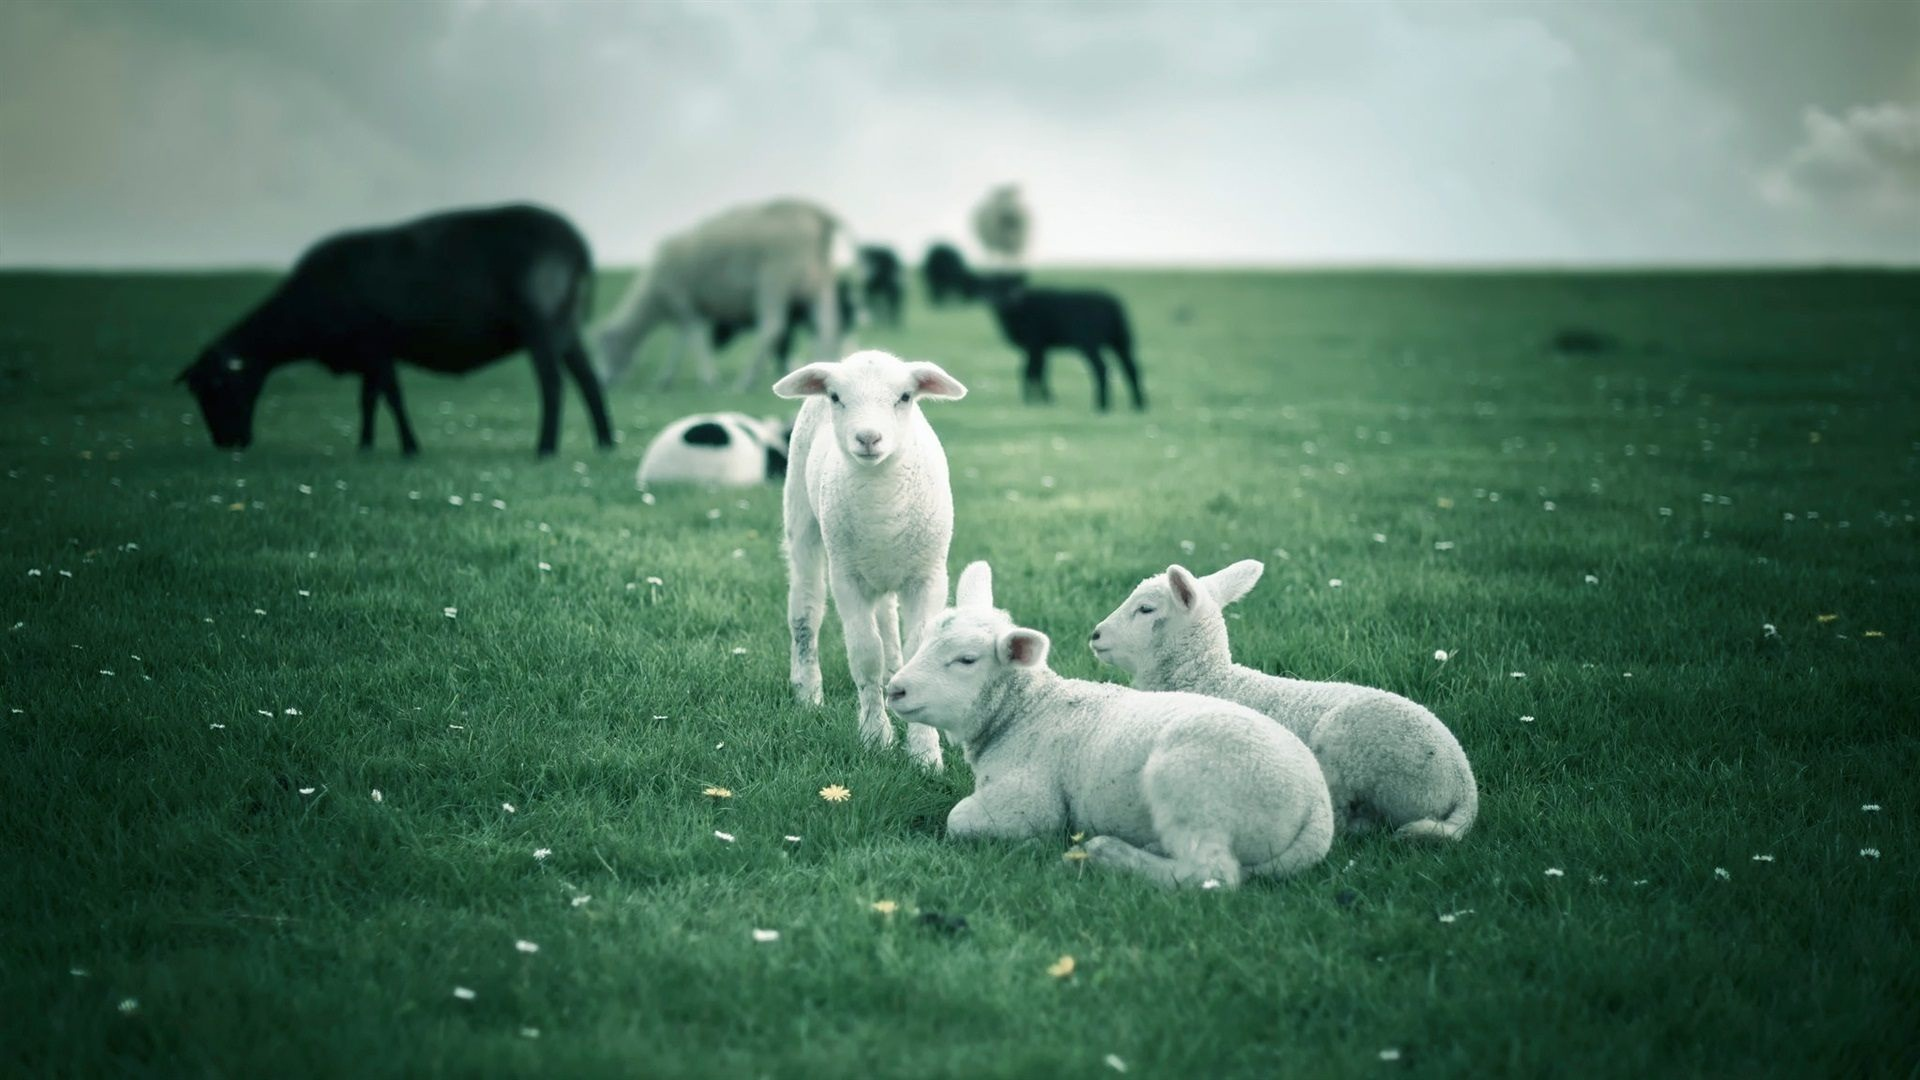 Sheep Herd Desktop Wallpaper 53717